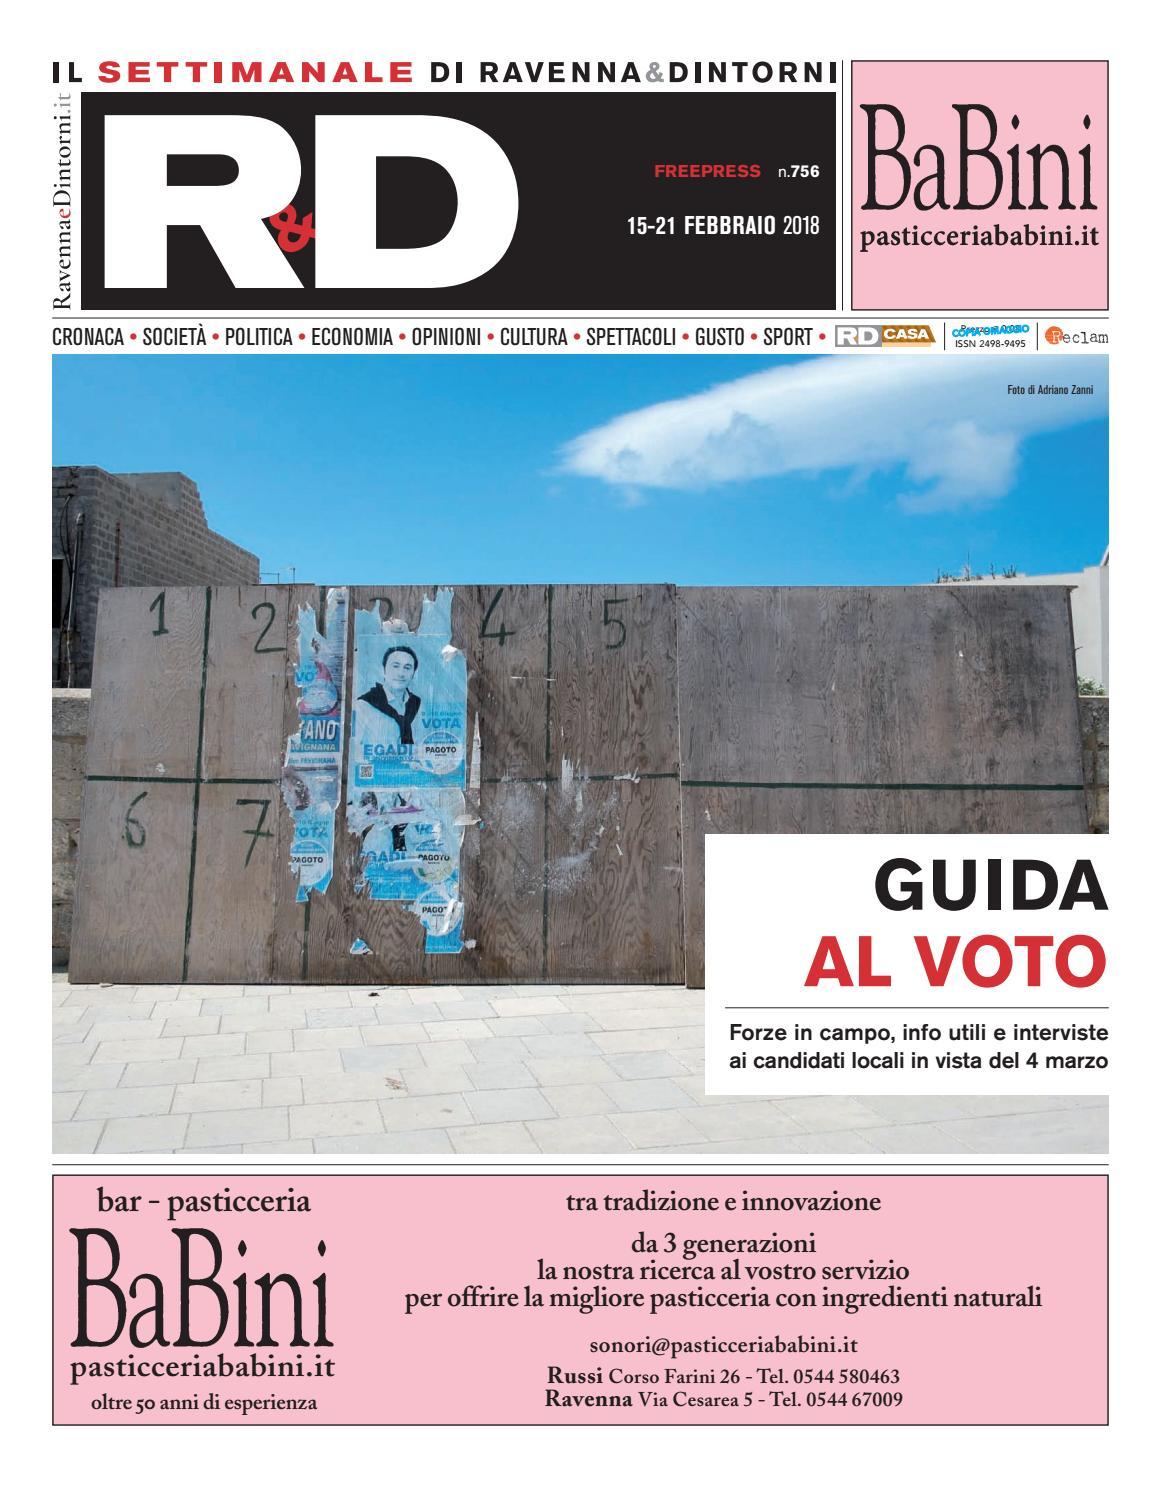 Rd 15 02 18 by Reclam Edizioni e Comunicazione - issuu 01e42bf6522d